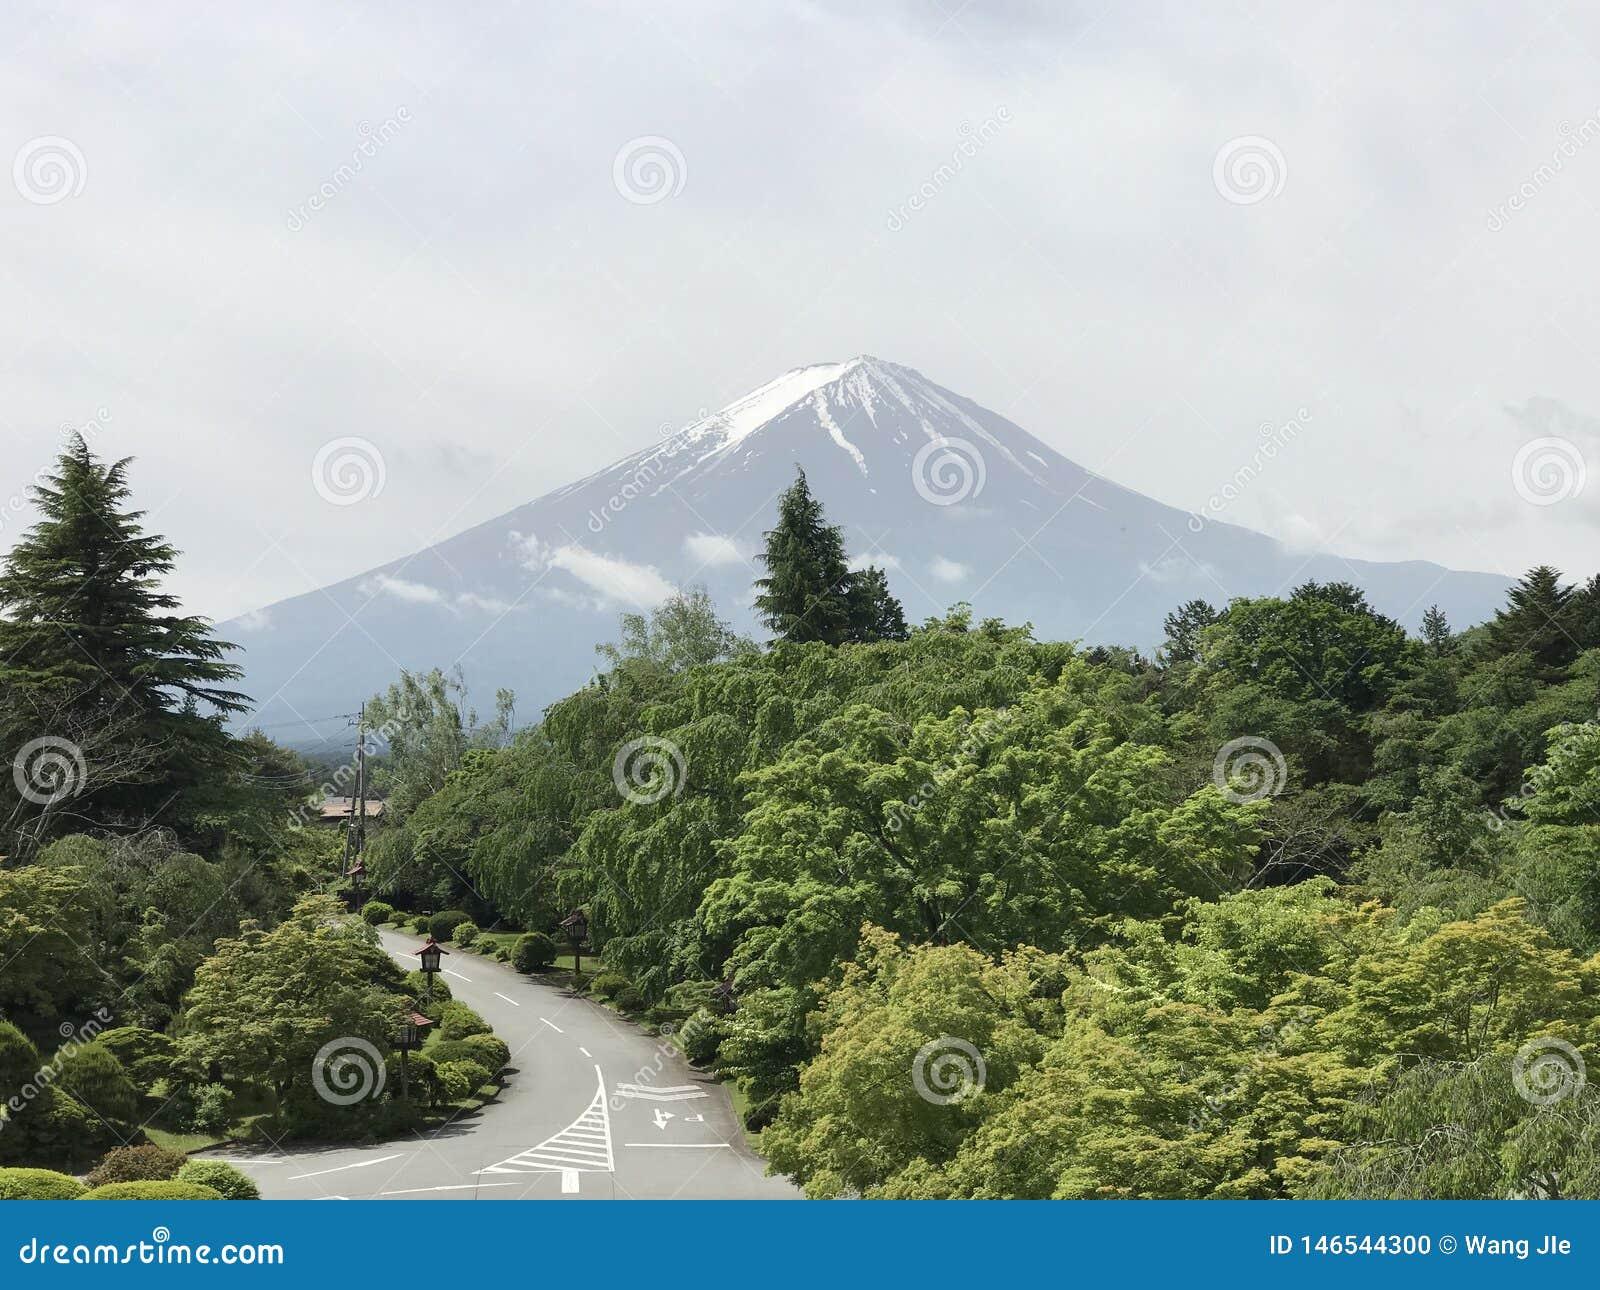 Good Fuji Morning